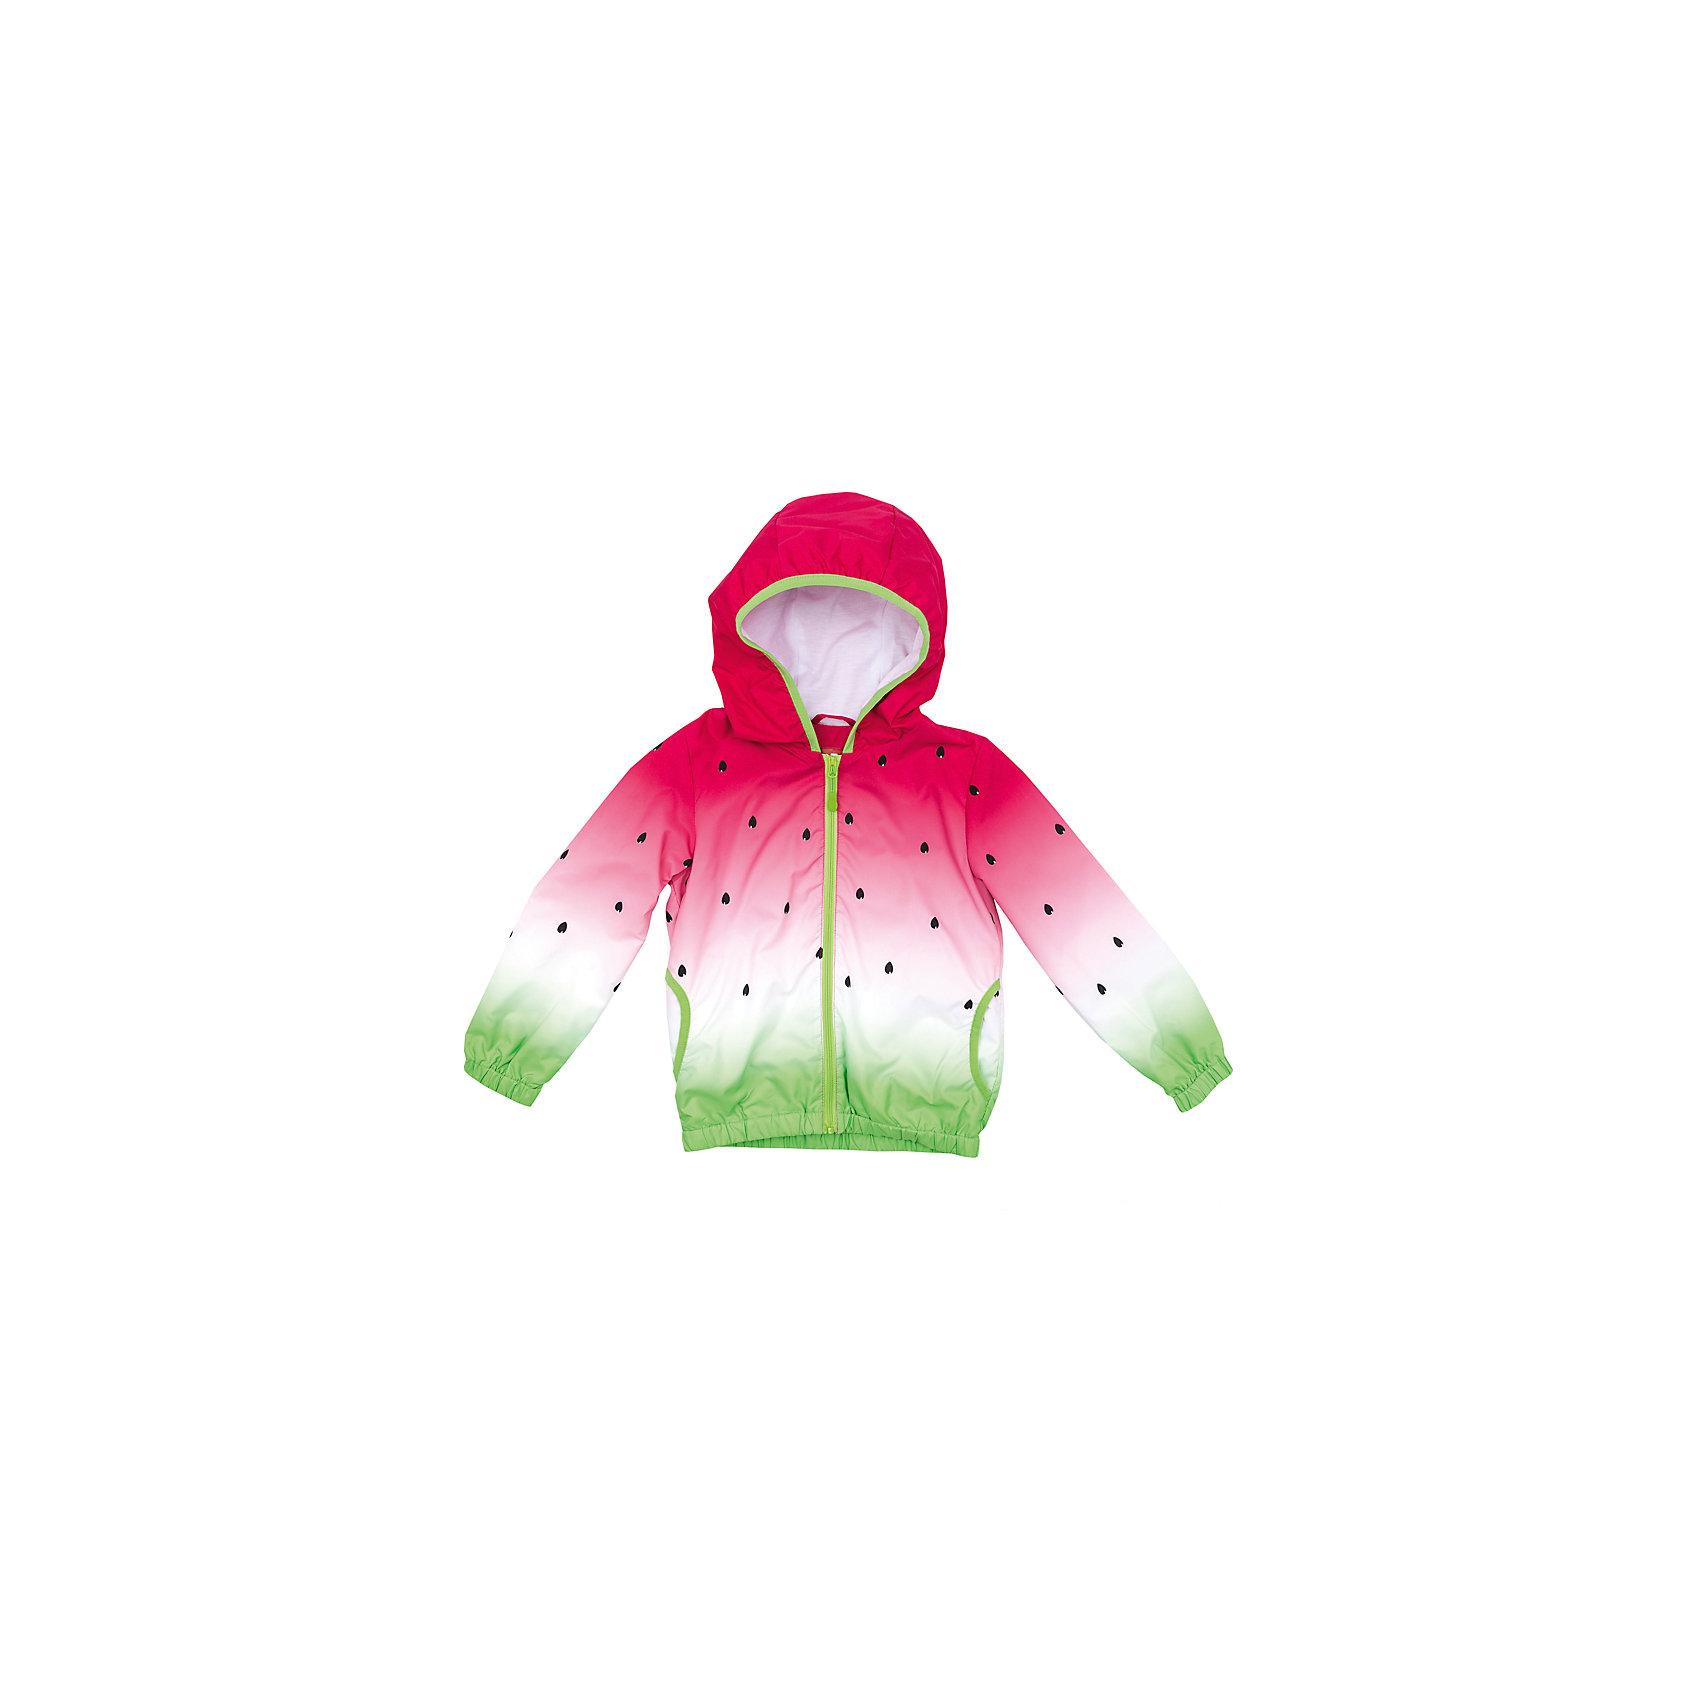 Куртка для девочки PlayTodayКуртка для девочки PlayToday<br>Практичная куртка яркой сочной расцветки со специальной водоотталкивающей пропиткой защитит Вашего ребенка в любую погоду! . Мягкие  резинки на рукавах и по низу изделия защитят Вашего ребенка - ветер не сможет проникнуть под куртку.  Модель с резинкой на капюшоне - даже во время активных игр капюшон не упадет с головы ребенка. Модель на подкладке из натуральных тканей.Преимущества: Водоооталкивающая тканьМодель с резинкой на капюшоне.Защита подбородка. Специальный карман для фиксации застежки - молнии не позволит застежке травмировать нежную кожу ребенка<br>Состав:<br>Верх: 100% полиэстер, подкладка: 60% хлопок, 40% полиэстер<br><br>Ширина мм: 356<br>Глубина мм: 10<br>Высота мм: 245<br>Вес г: 519<br>Цвет: разноцветный<br>Возраст от месяцев: 84<br>Возраст до месяцев: 96<br>Пол: Женский<br>Возраст: Детский<br>Размер: 128,98,104,110,116,122<br>SKU: 5404389